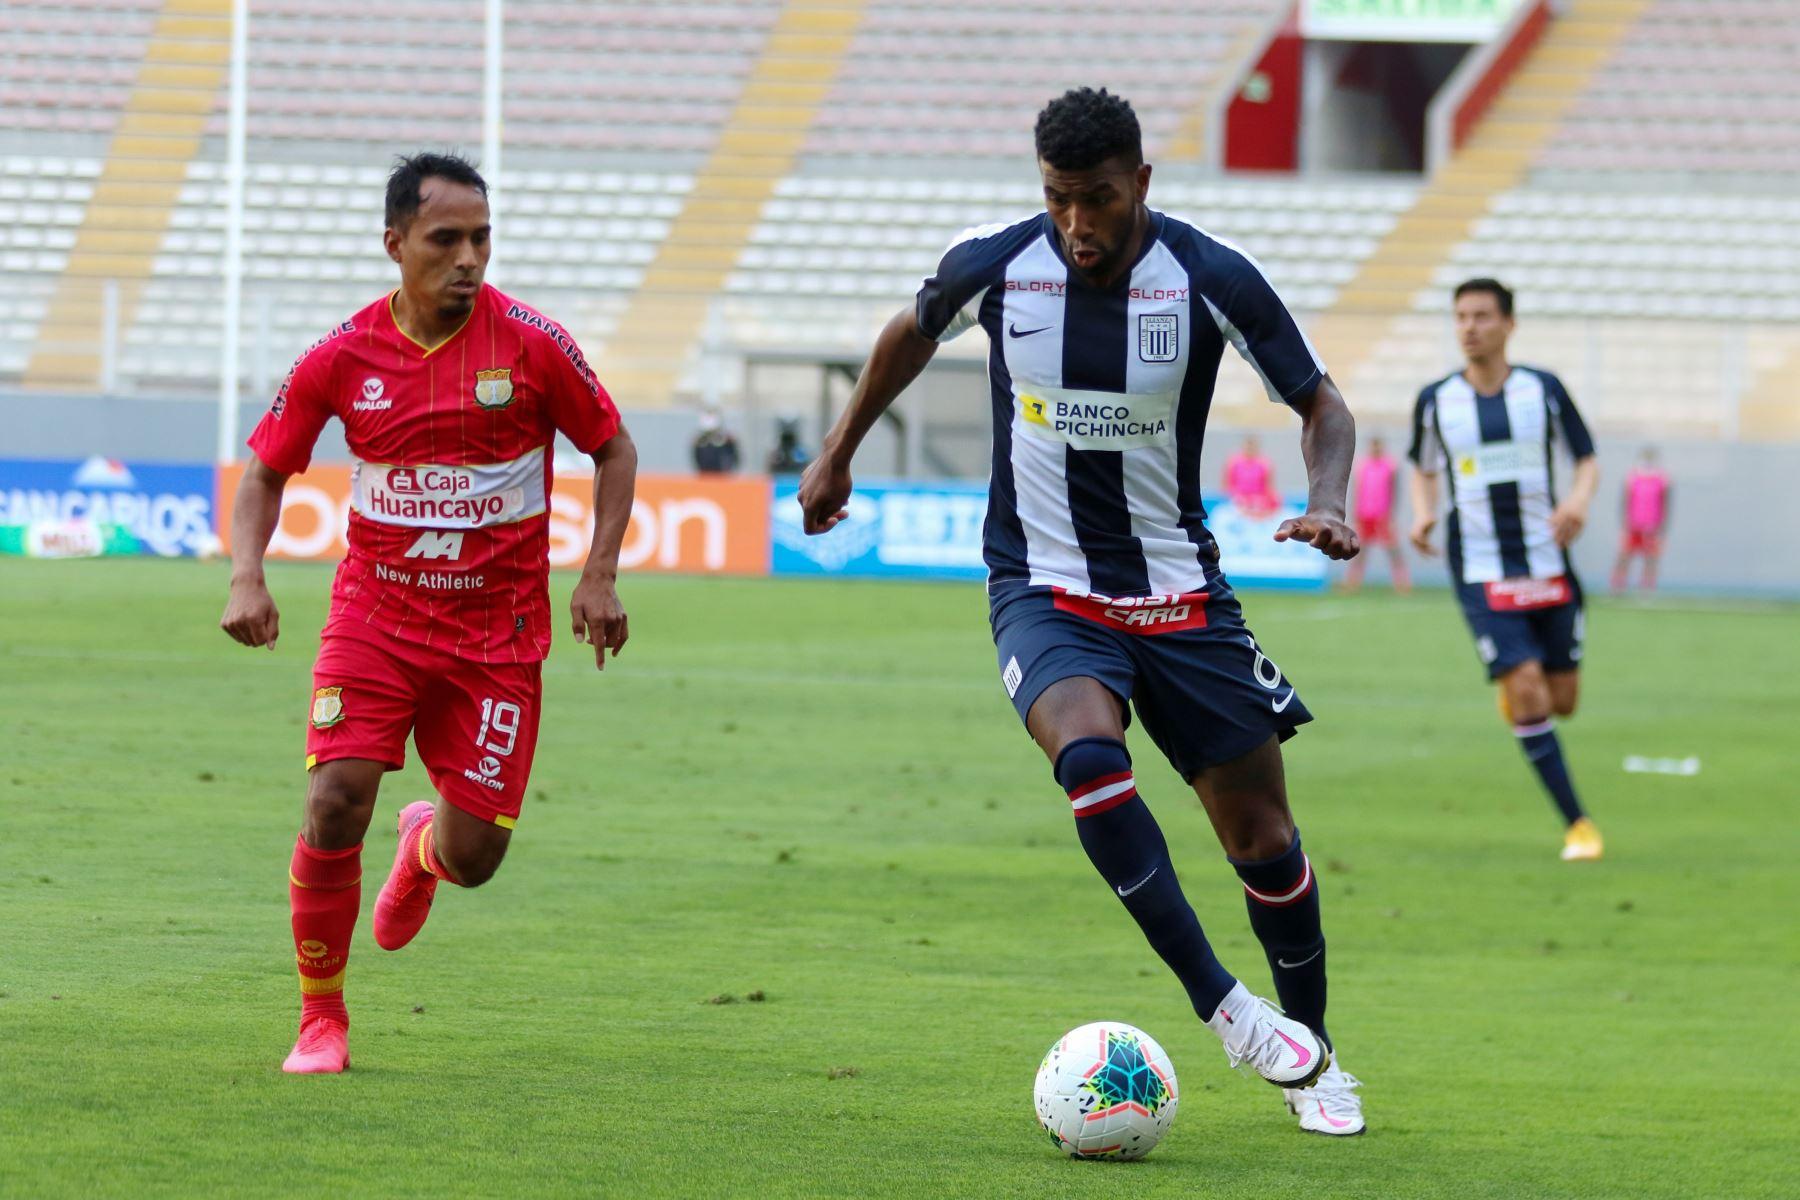 El futbolista  C. Ascues  de  Alianza Lima, disputa la pelota con el jugador de   Sport Huancayo  durante el partido de la fase 2 por la fecha 9 de la Liga 1 , en el Estadio Nacional.   Foto: @LigaFutProfdel